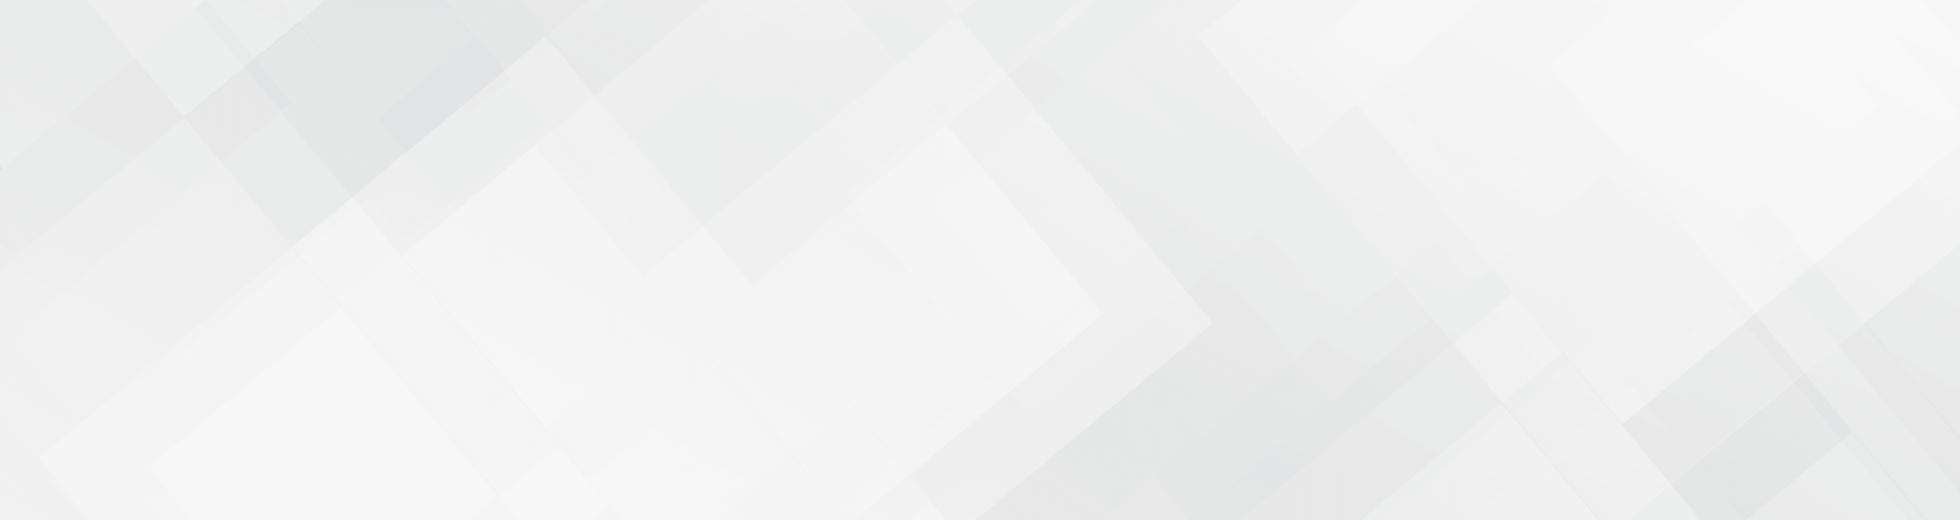 IXL - Membership